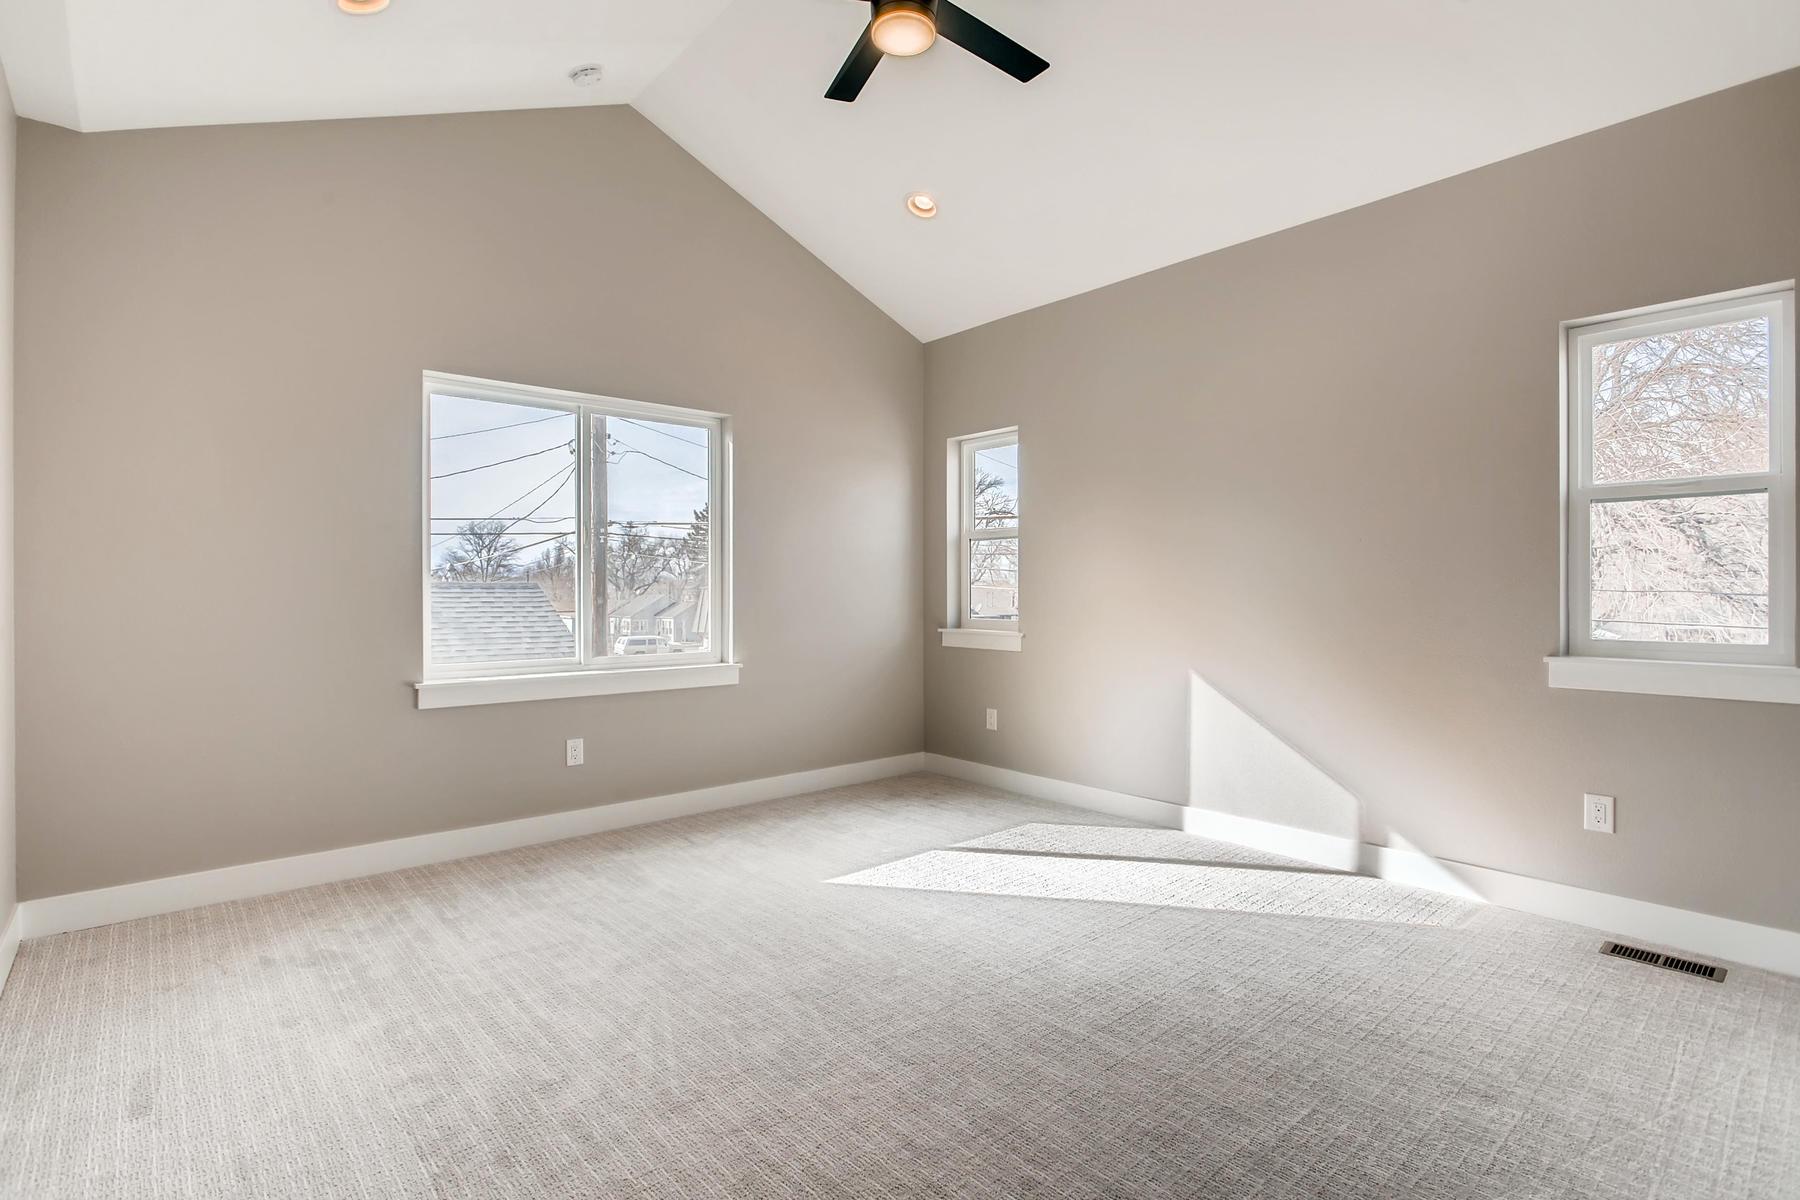 3101 S Cherokee St Englewood-012-9-2nd Floor Master Bedroom-MLS_Size.jpg